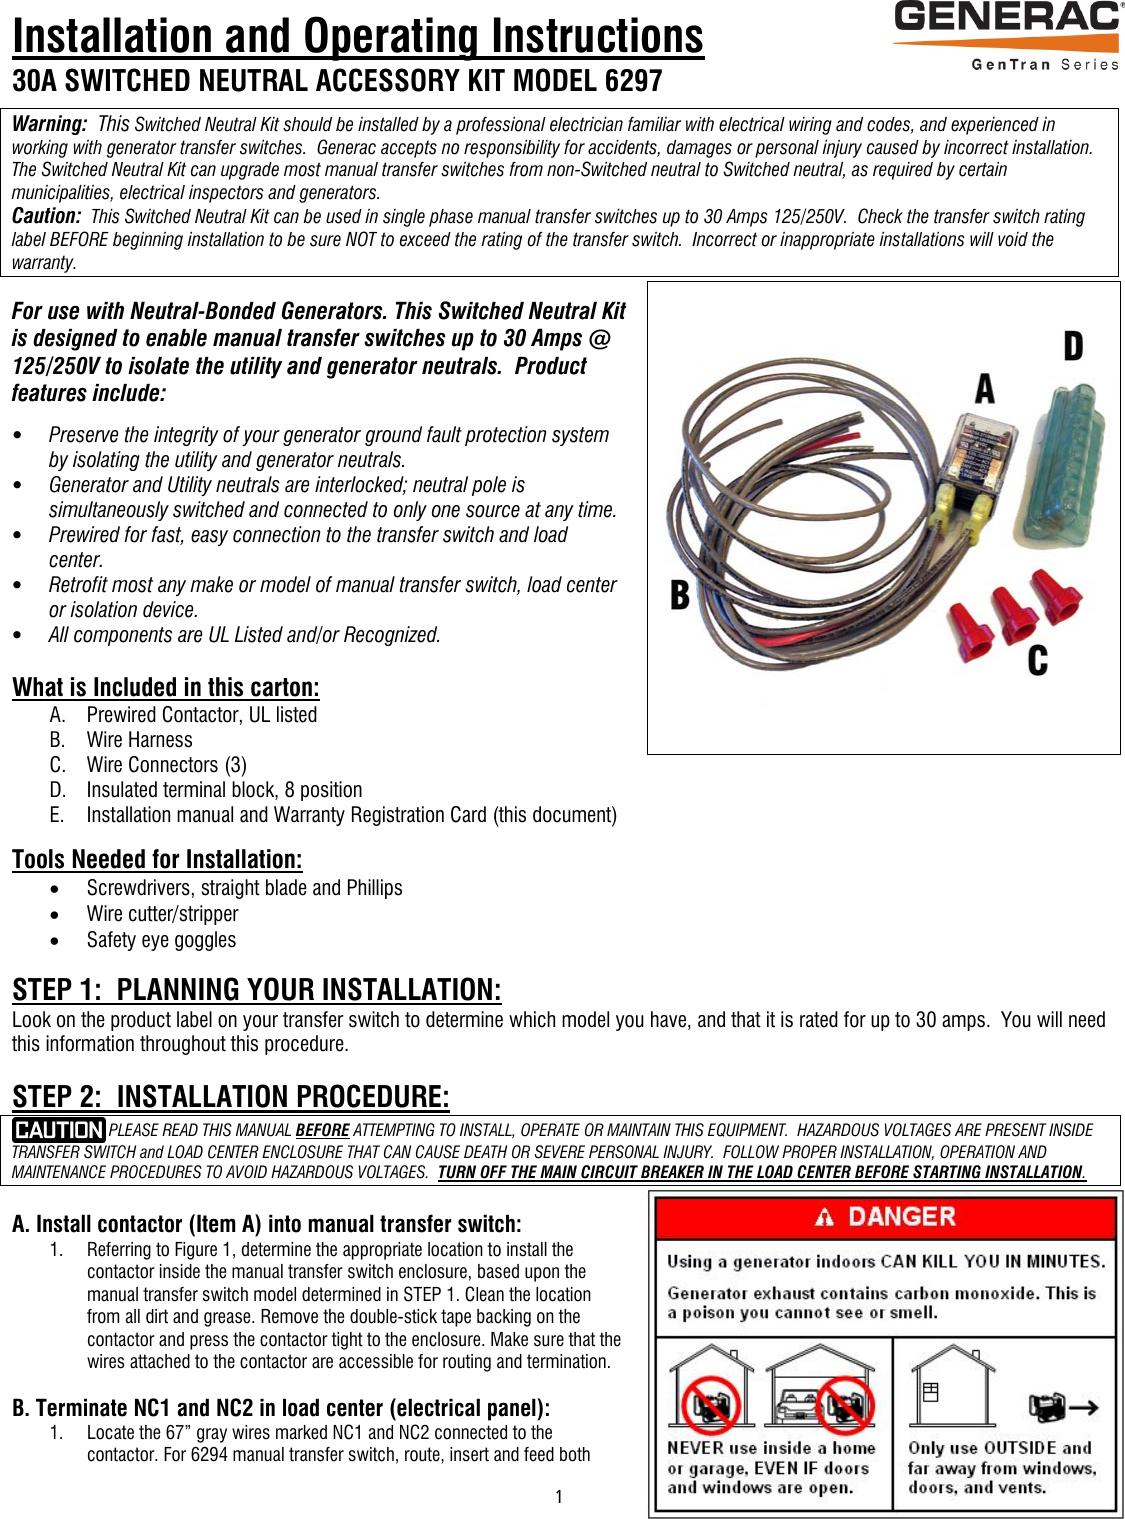 Snk 6297 Installrevb Eng 66316 2 Generac Install Manual 30a Load Center Wiring Diagram